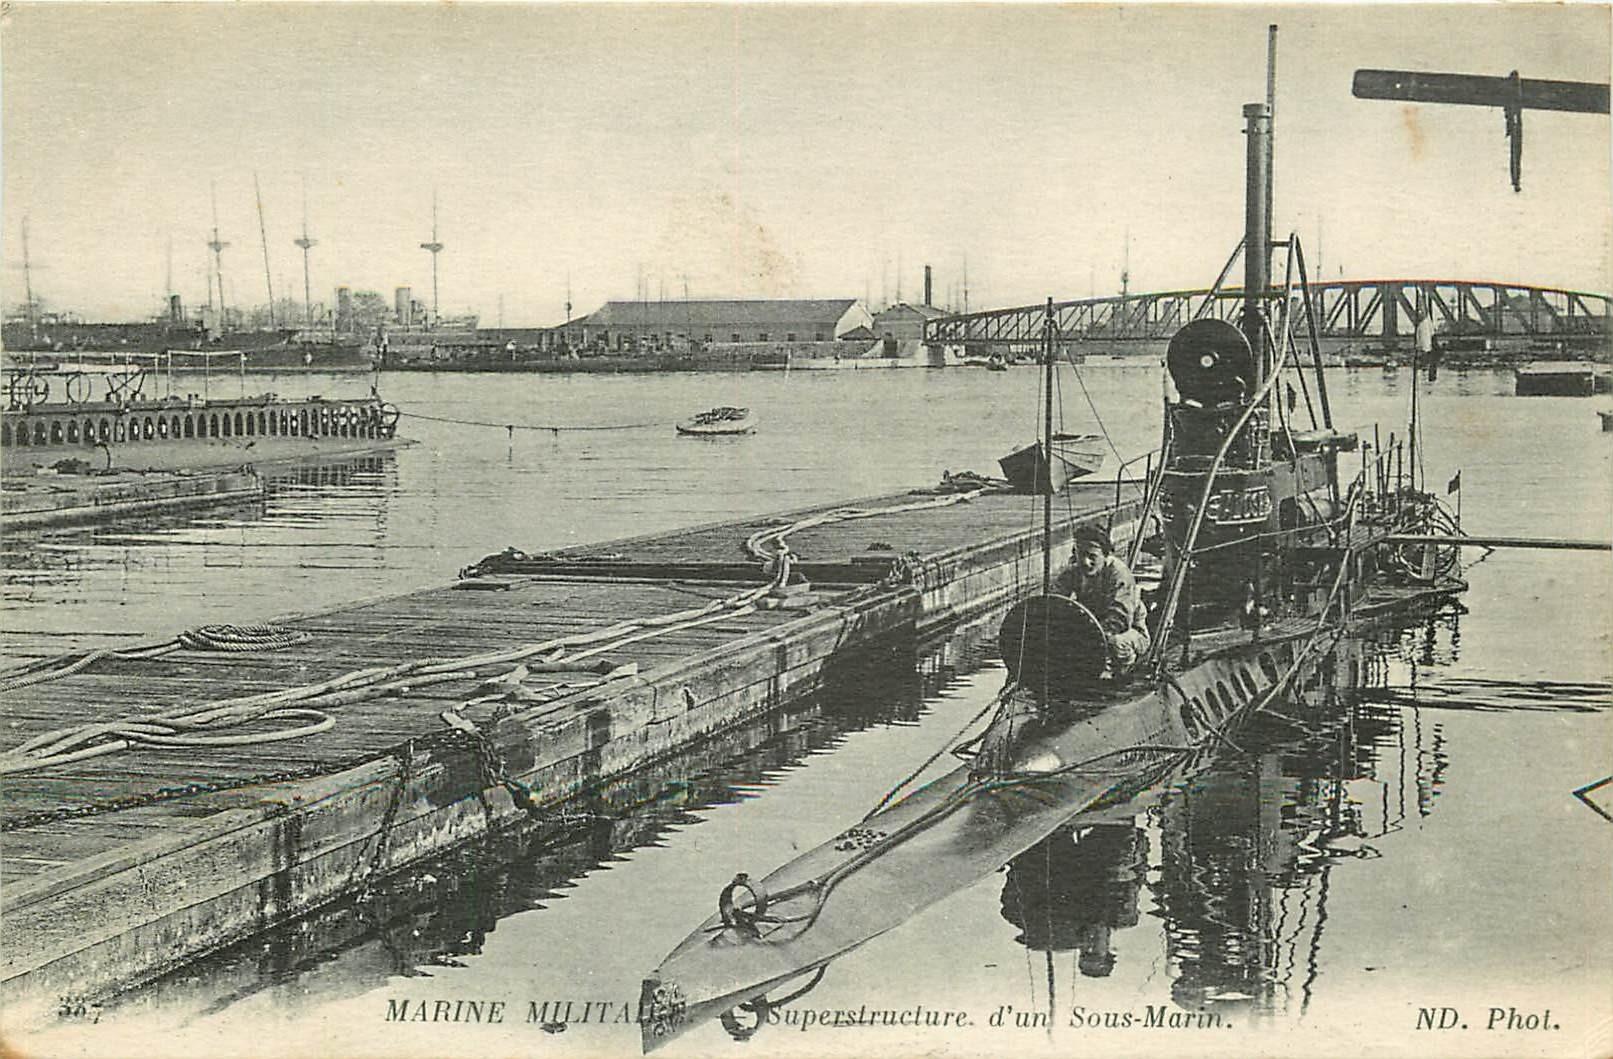 WW MARINE MILITAIRE. Superstructure d'un Sous-Marin